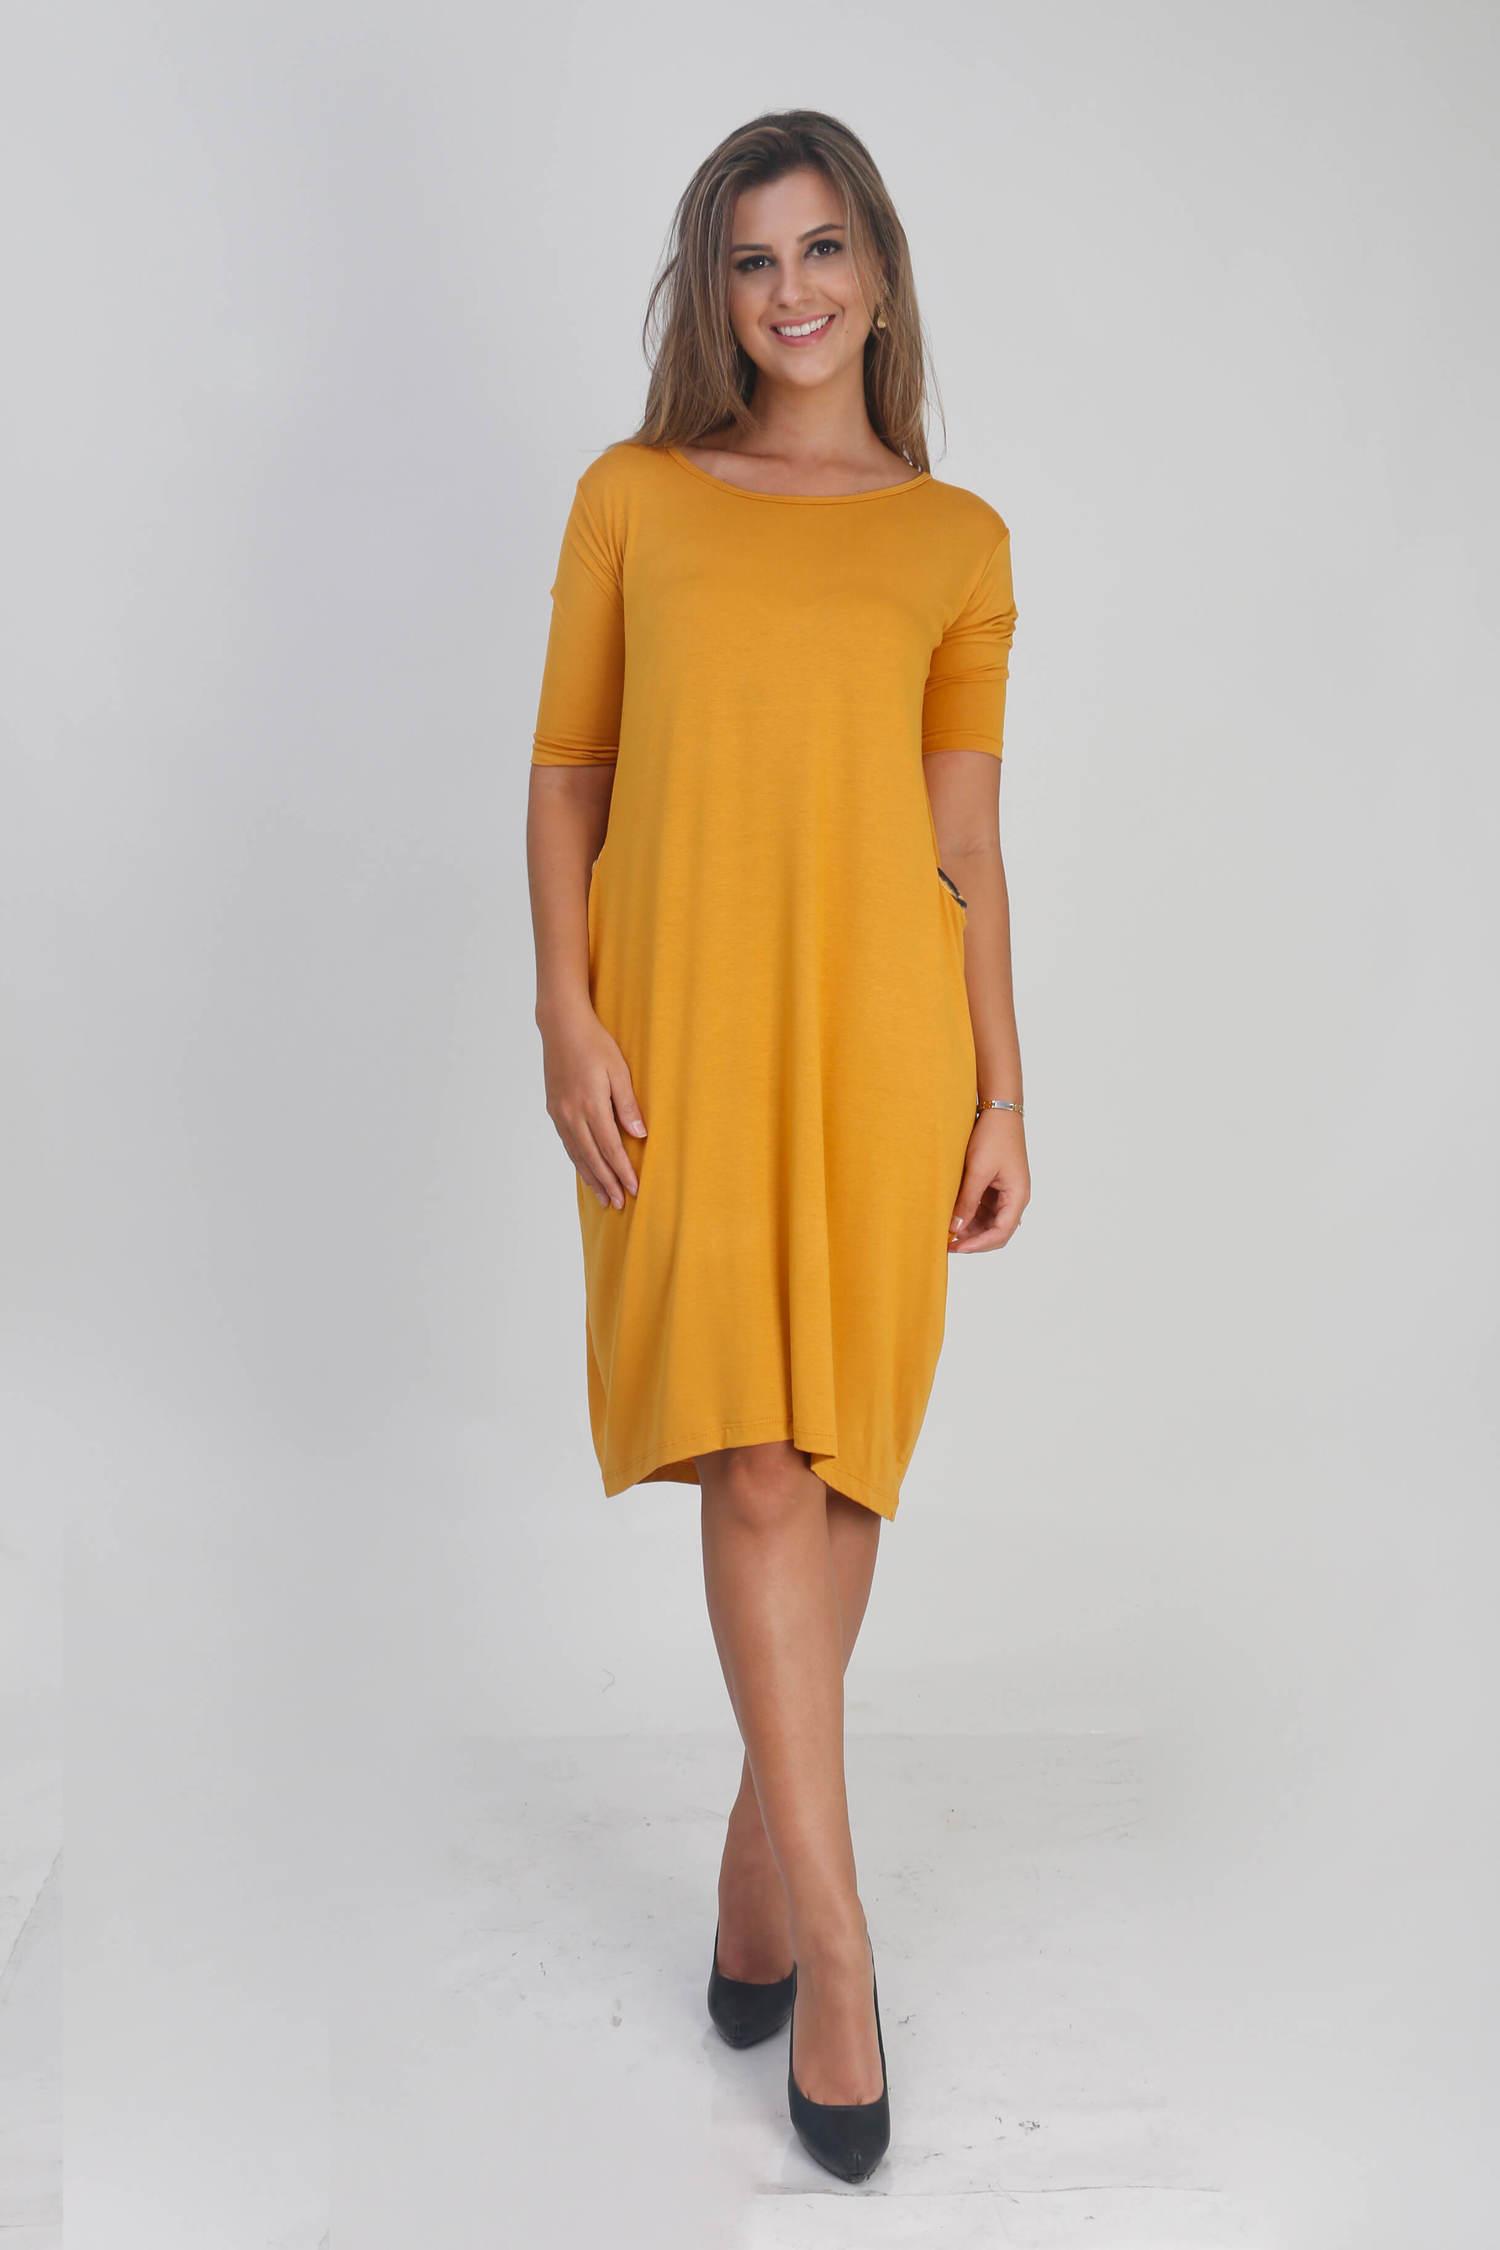 af3b4419b Vestido Bolsos Amarelo